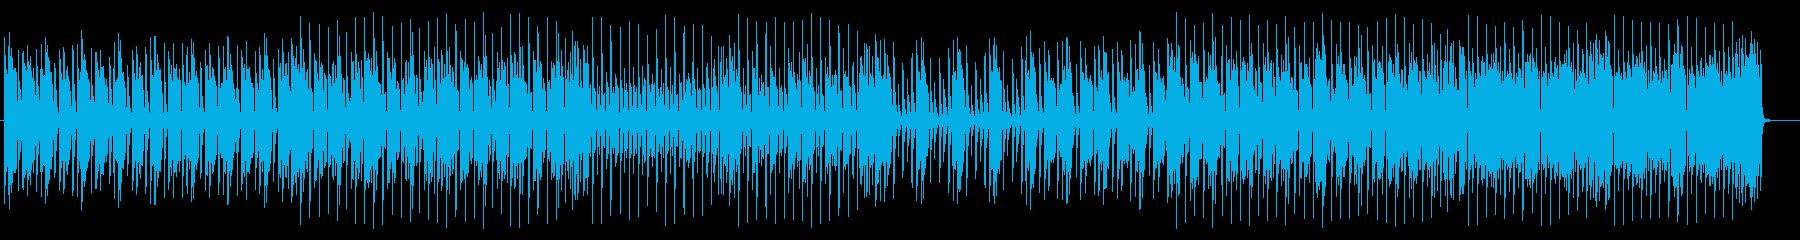 軽快で近代的なロックサウンドの再生済みの波形